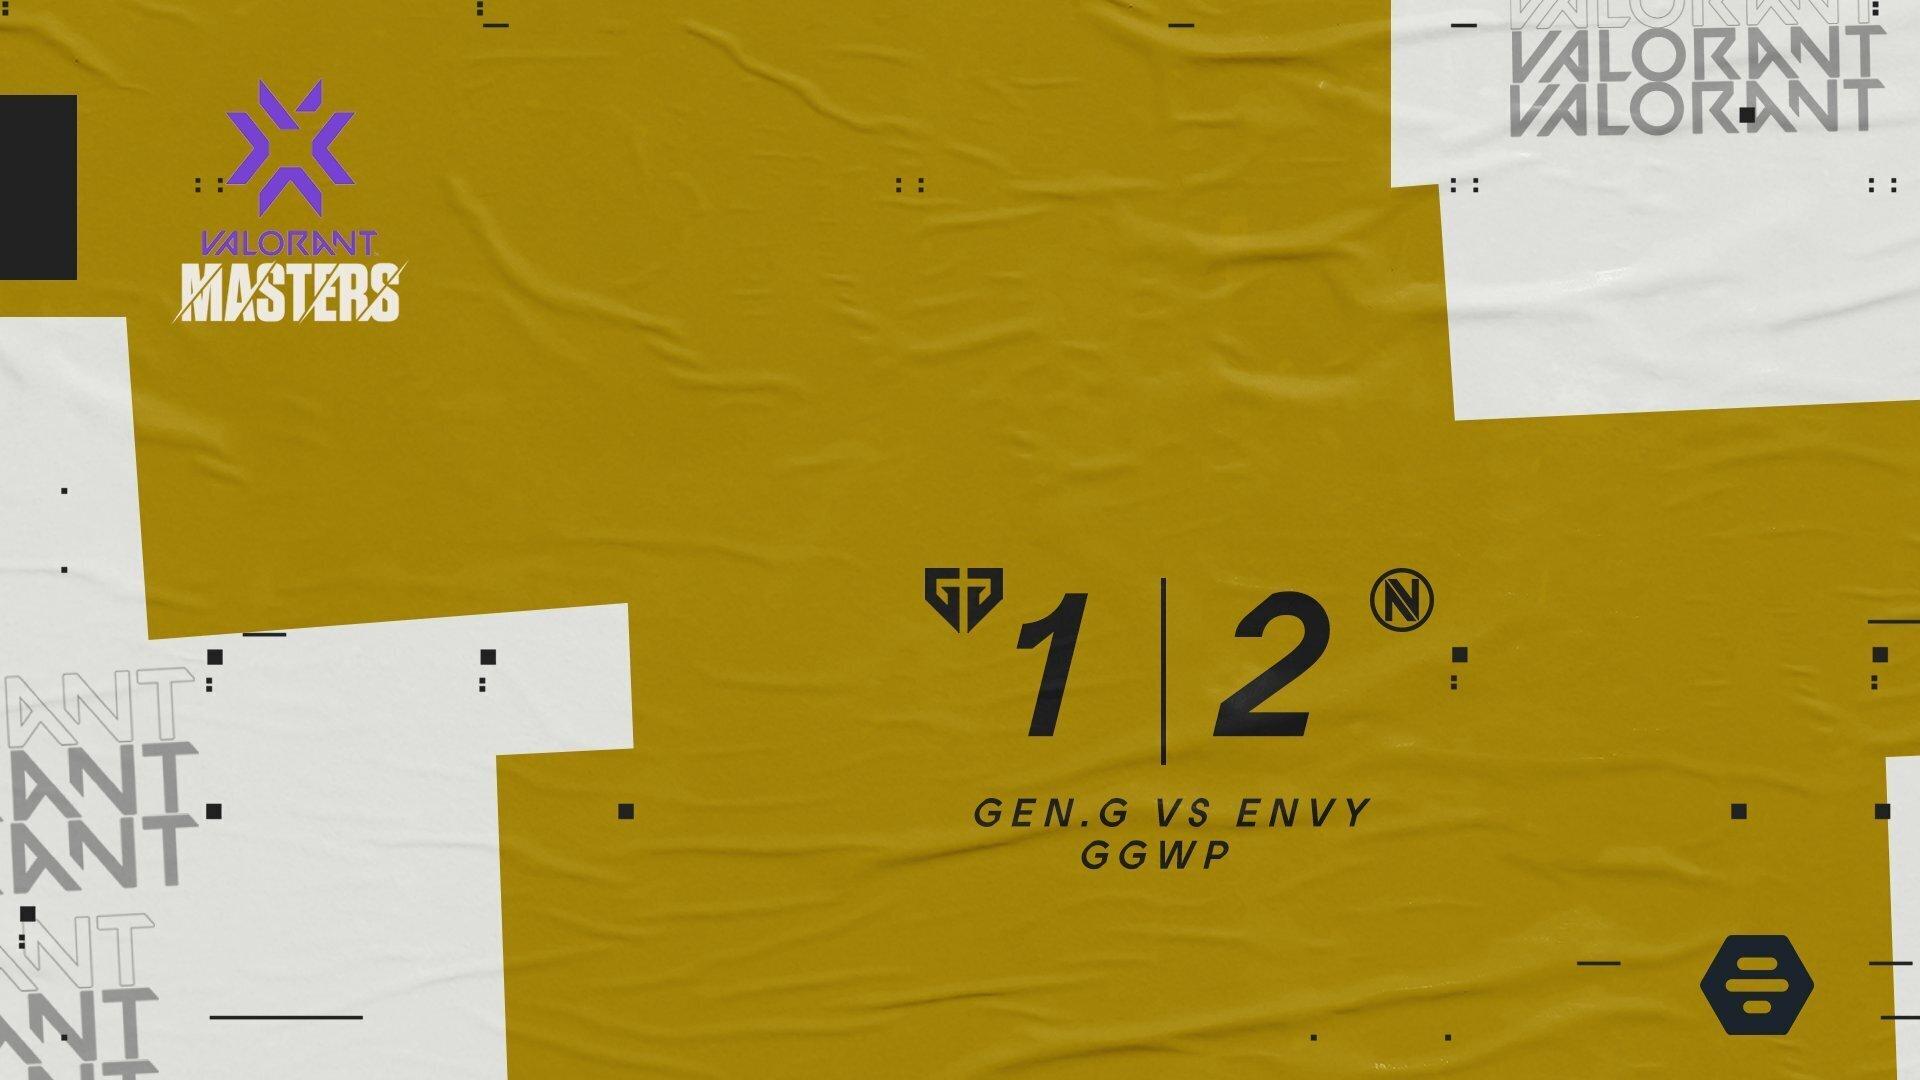 Gen.G gMd